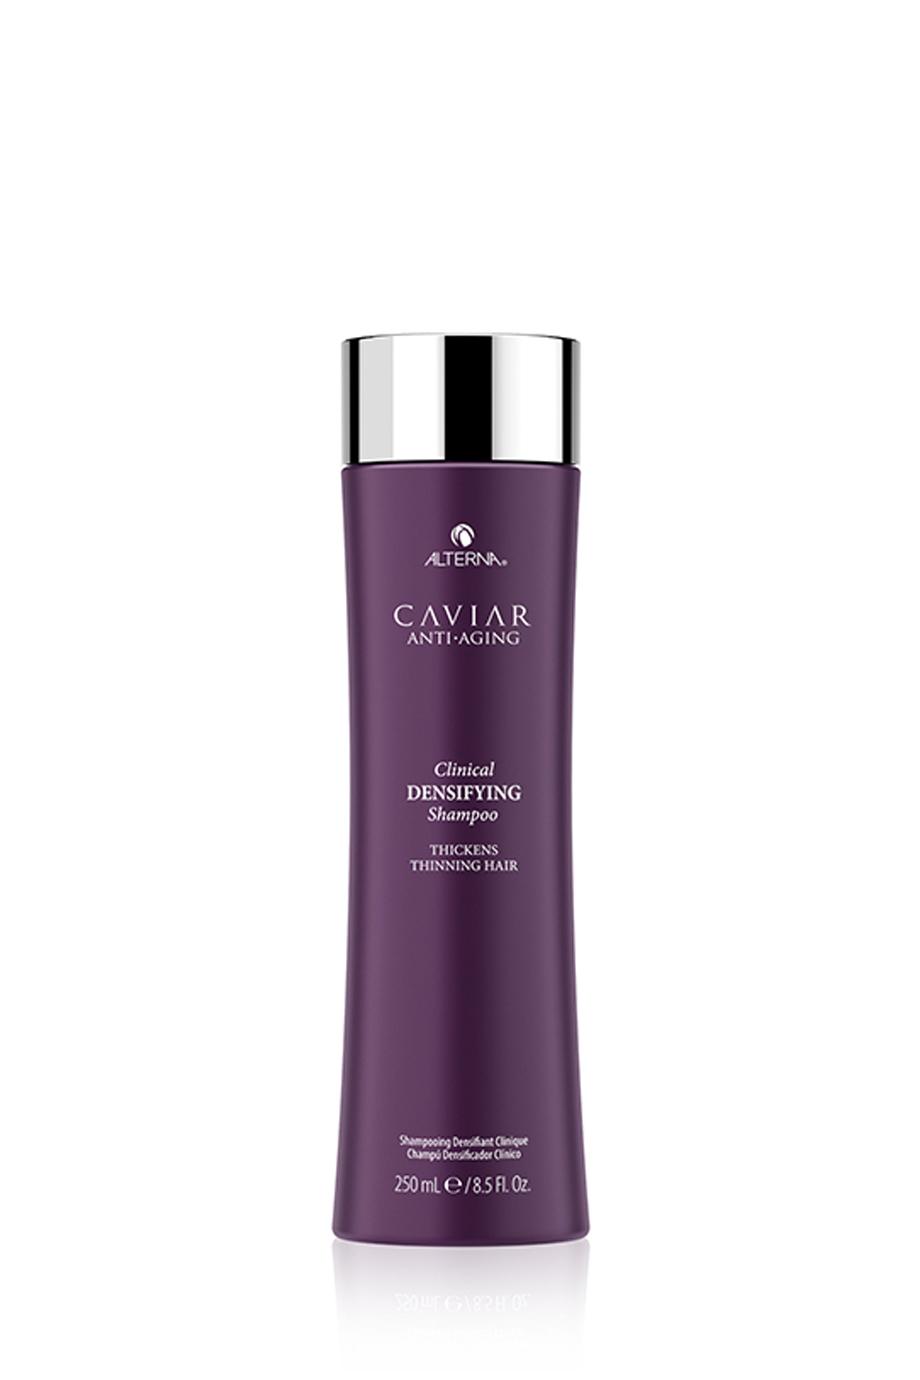 CAVIAR Anti-Aging Clinical Densifying Shampoo Шампунь-детокс для уплотнения и стимулирования роста волос с экстрактом красного клевера, 250мл